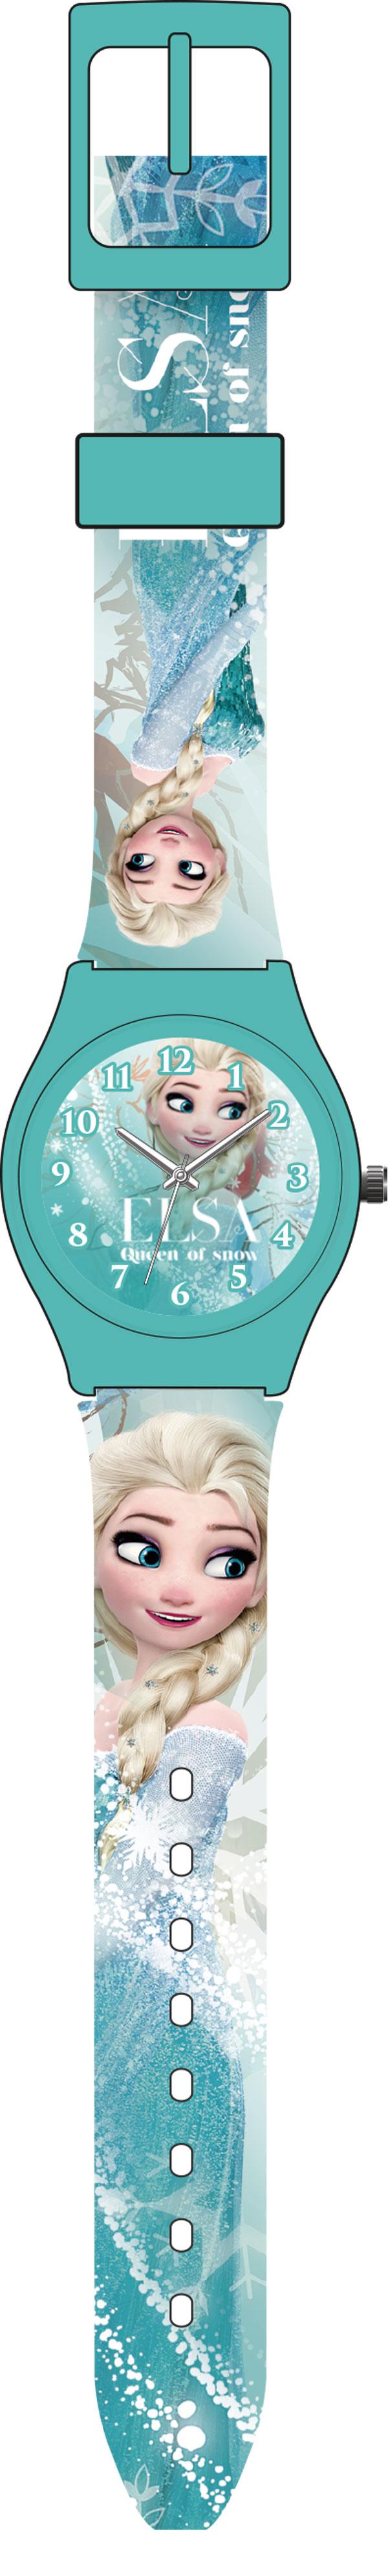 Ručičkové hodinky Ledové Království Elsa